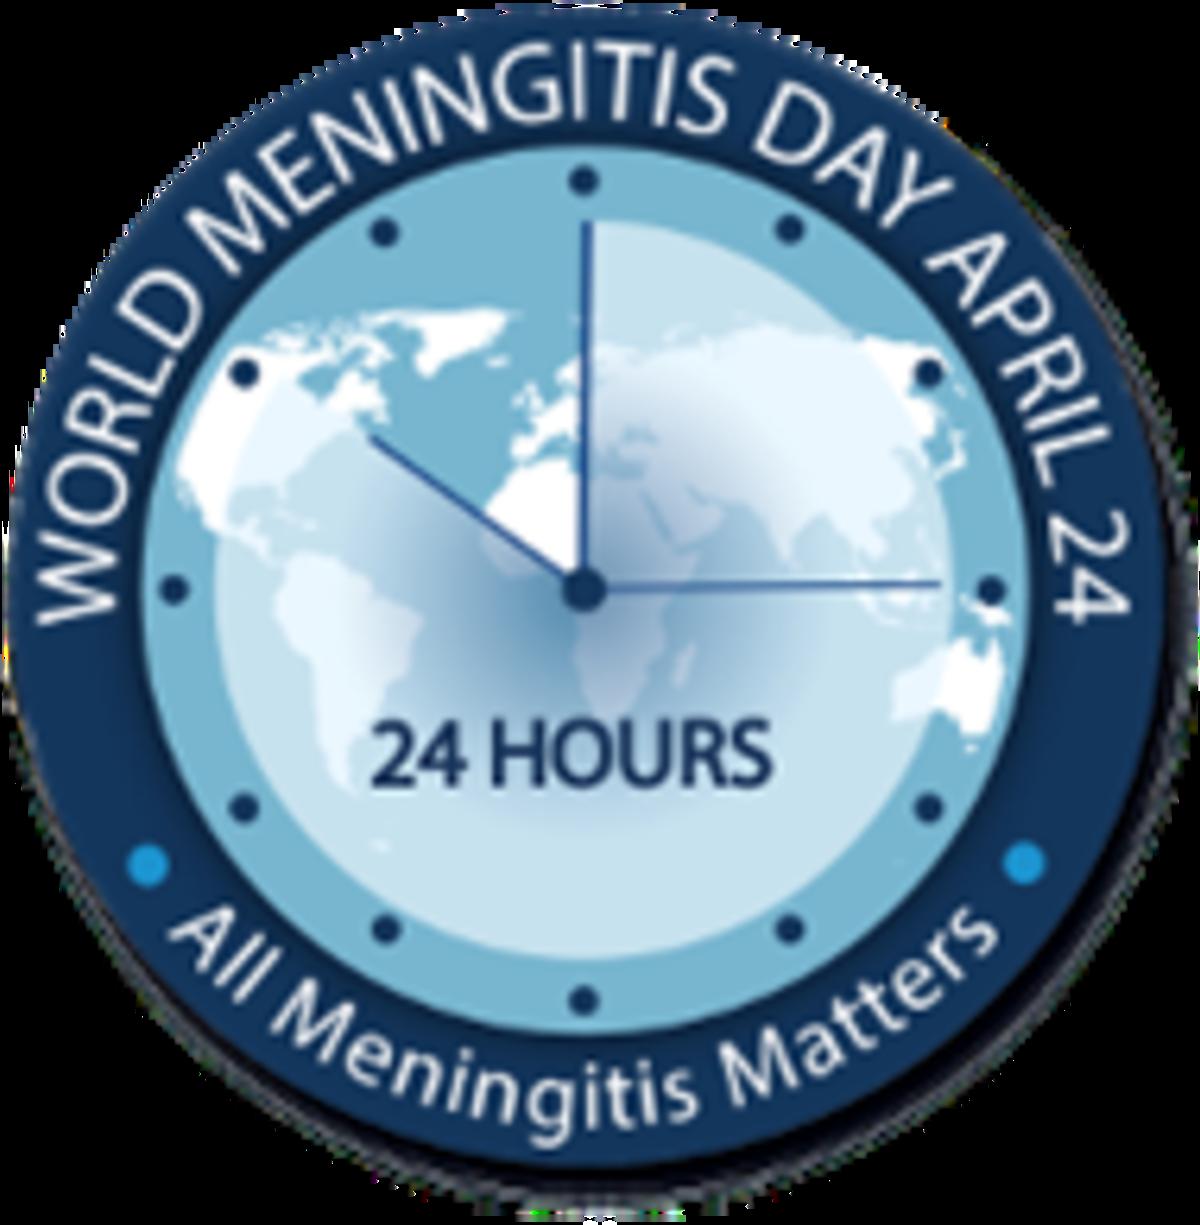 Παγκόσμια Ημέρα Μηνιγγίτιδας